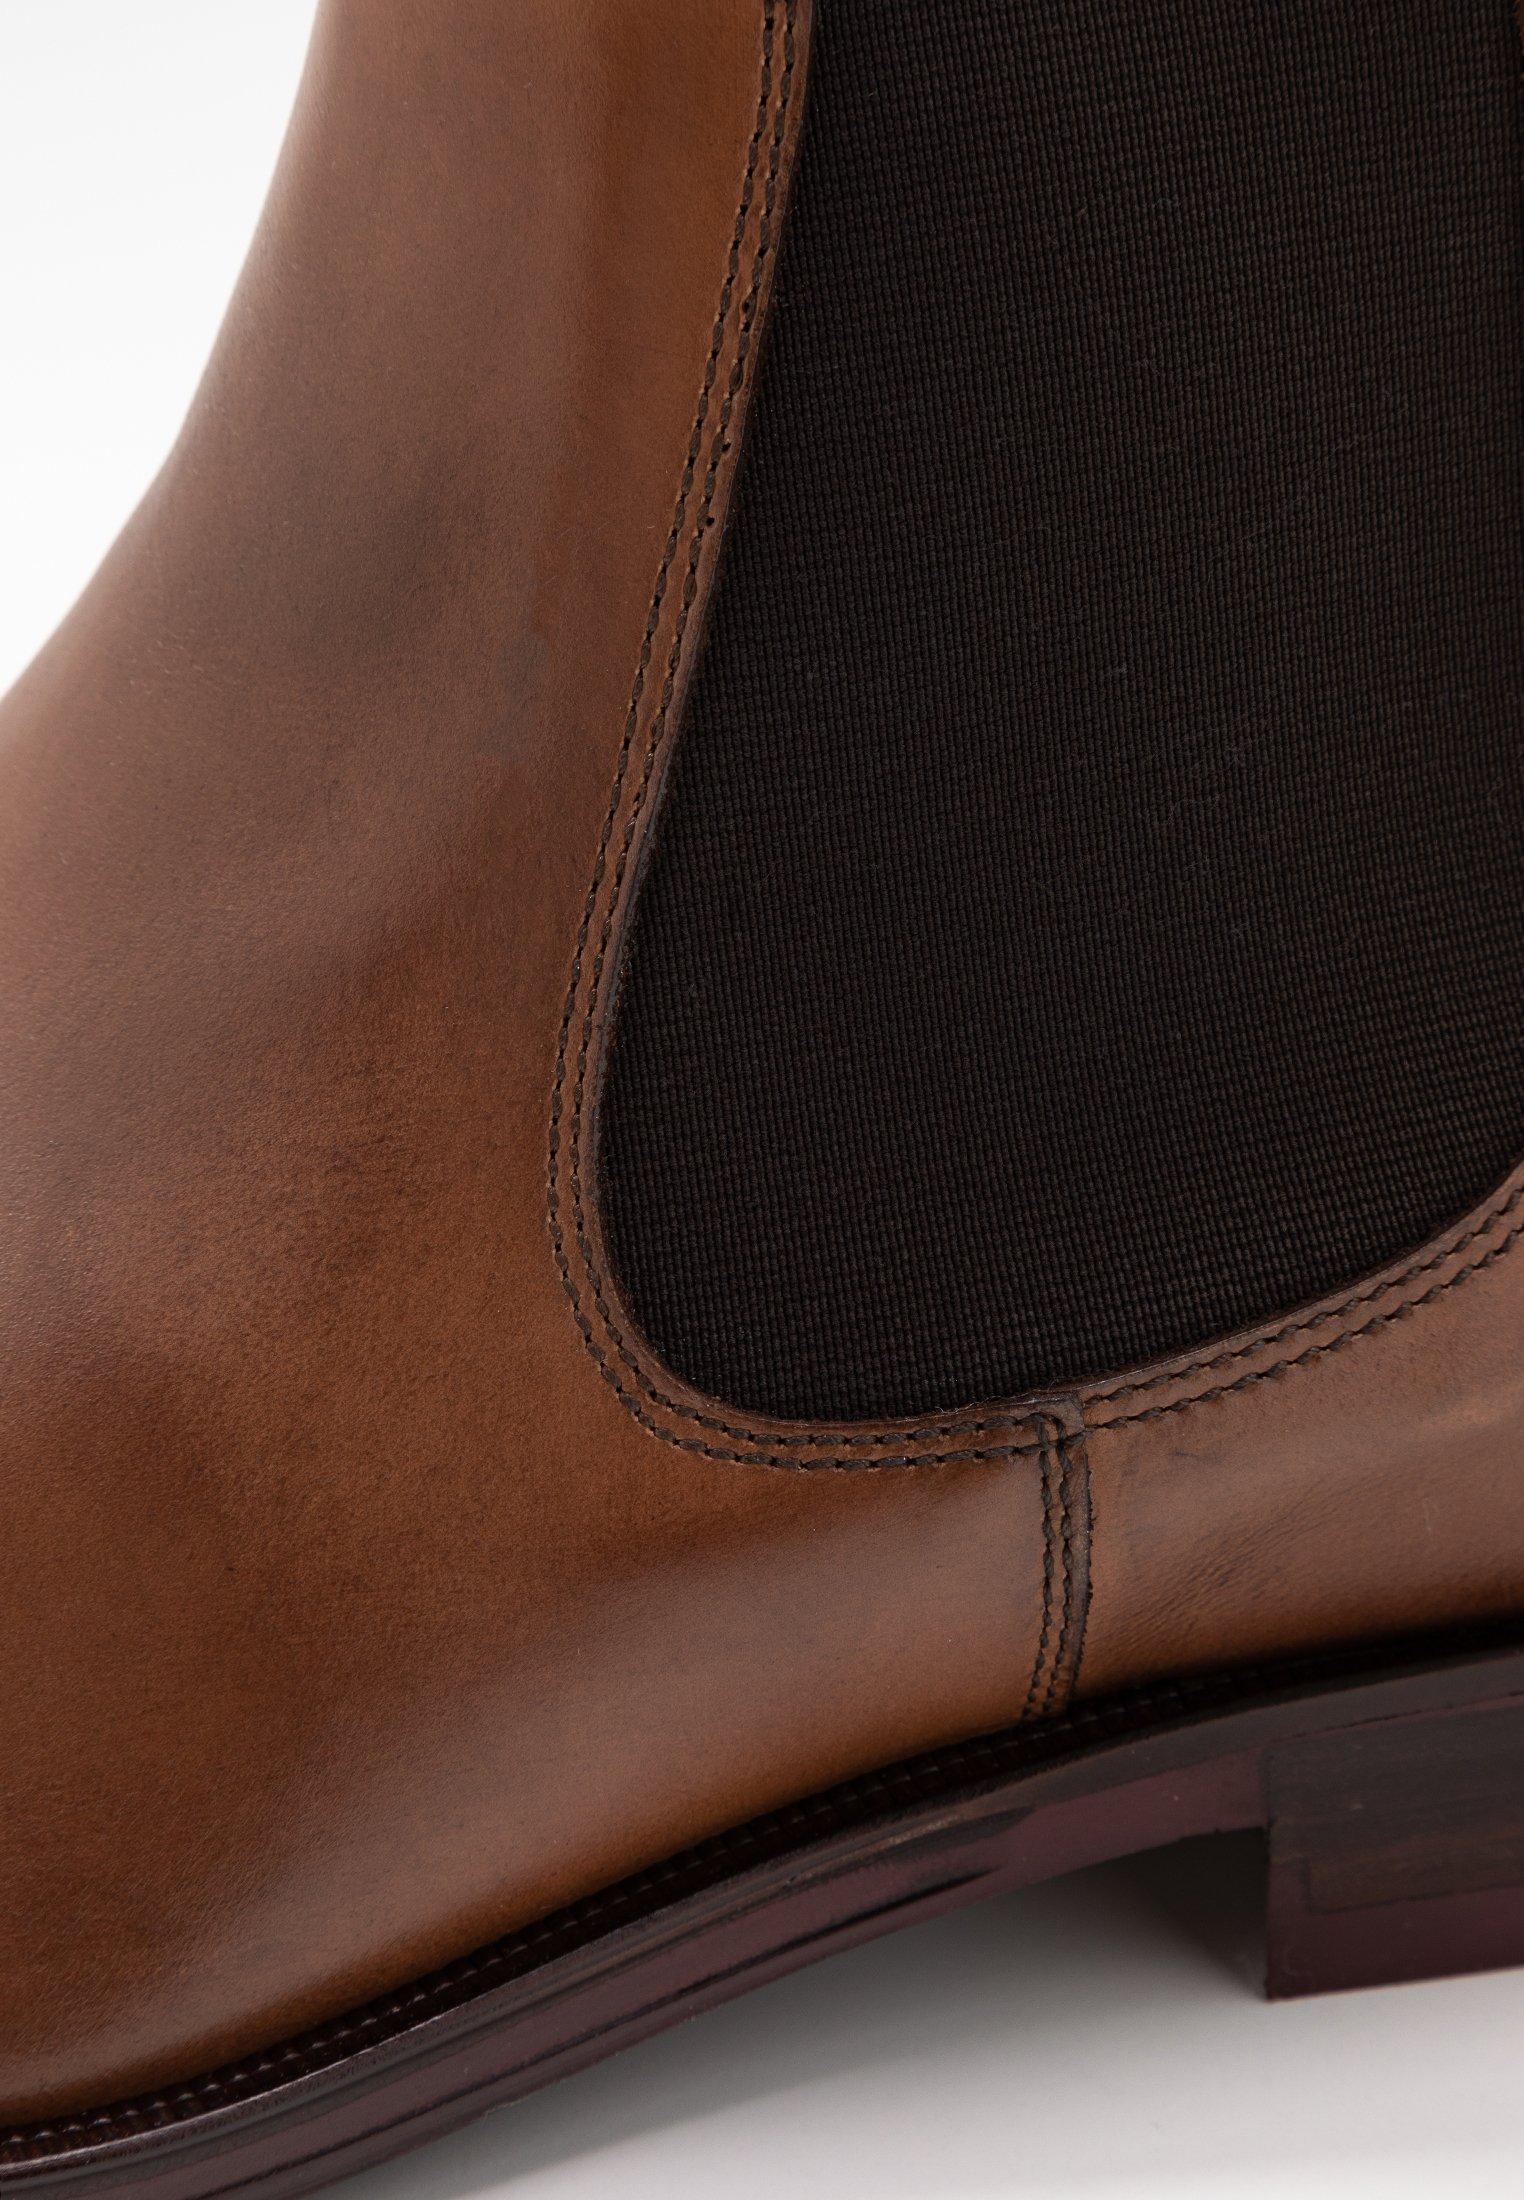 Zign Classic Ankle Boots - Cognac